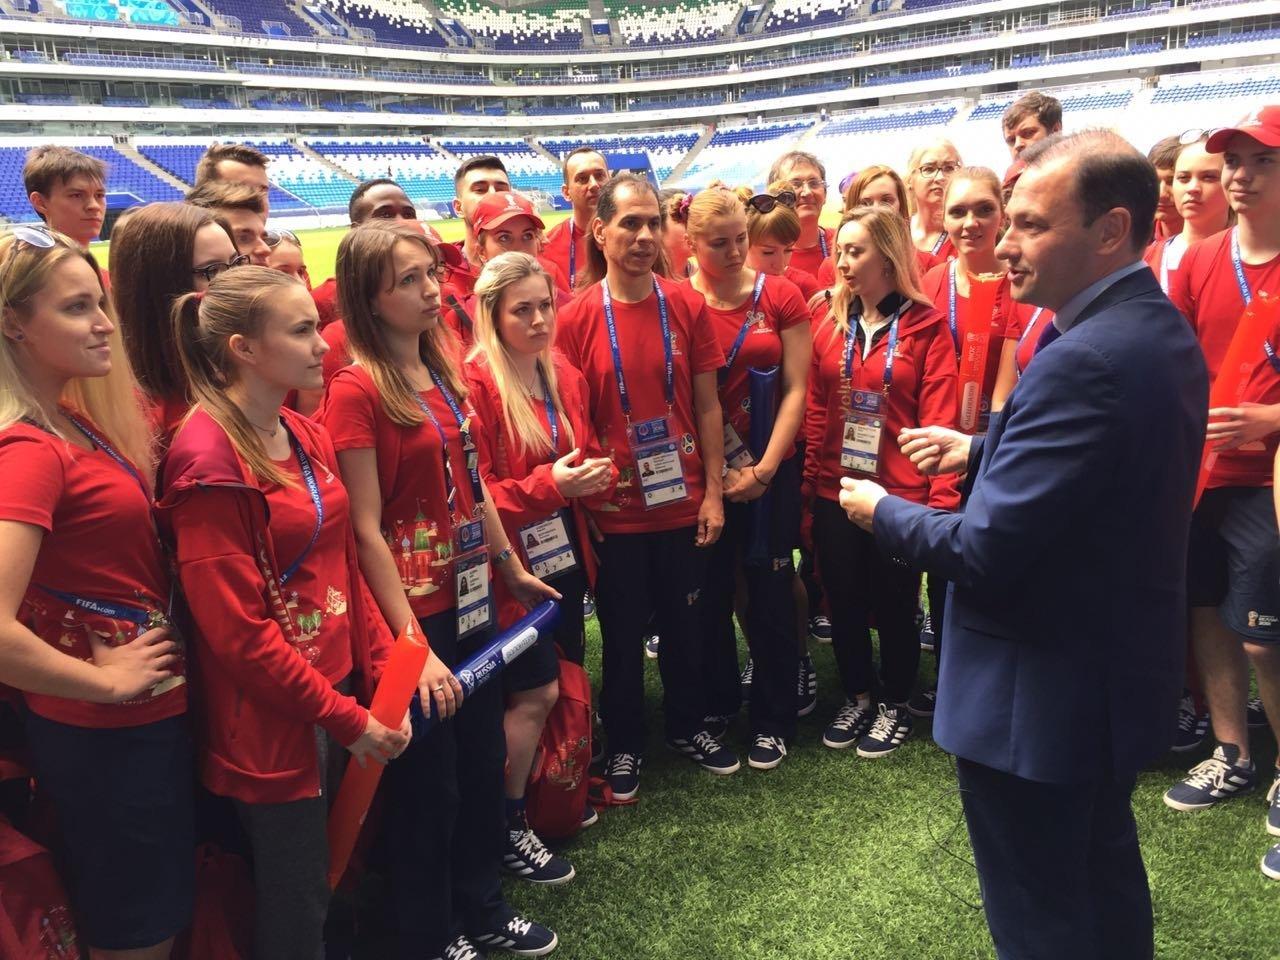 El presidente del Instituto Bering Bellingshausen para las Américas, Sergey Brilev, habla con voluntarios de Rusia 2018 en la entrega al Cosmos Arena de Samara del pasto del Estadio Centenario de Montevideo